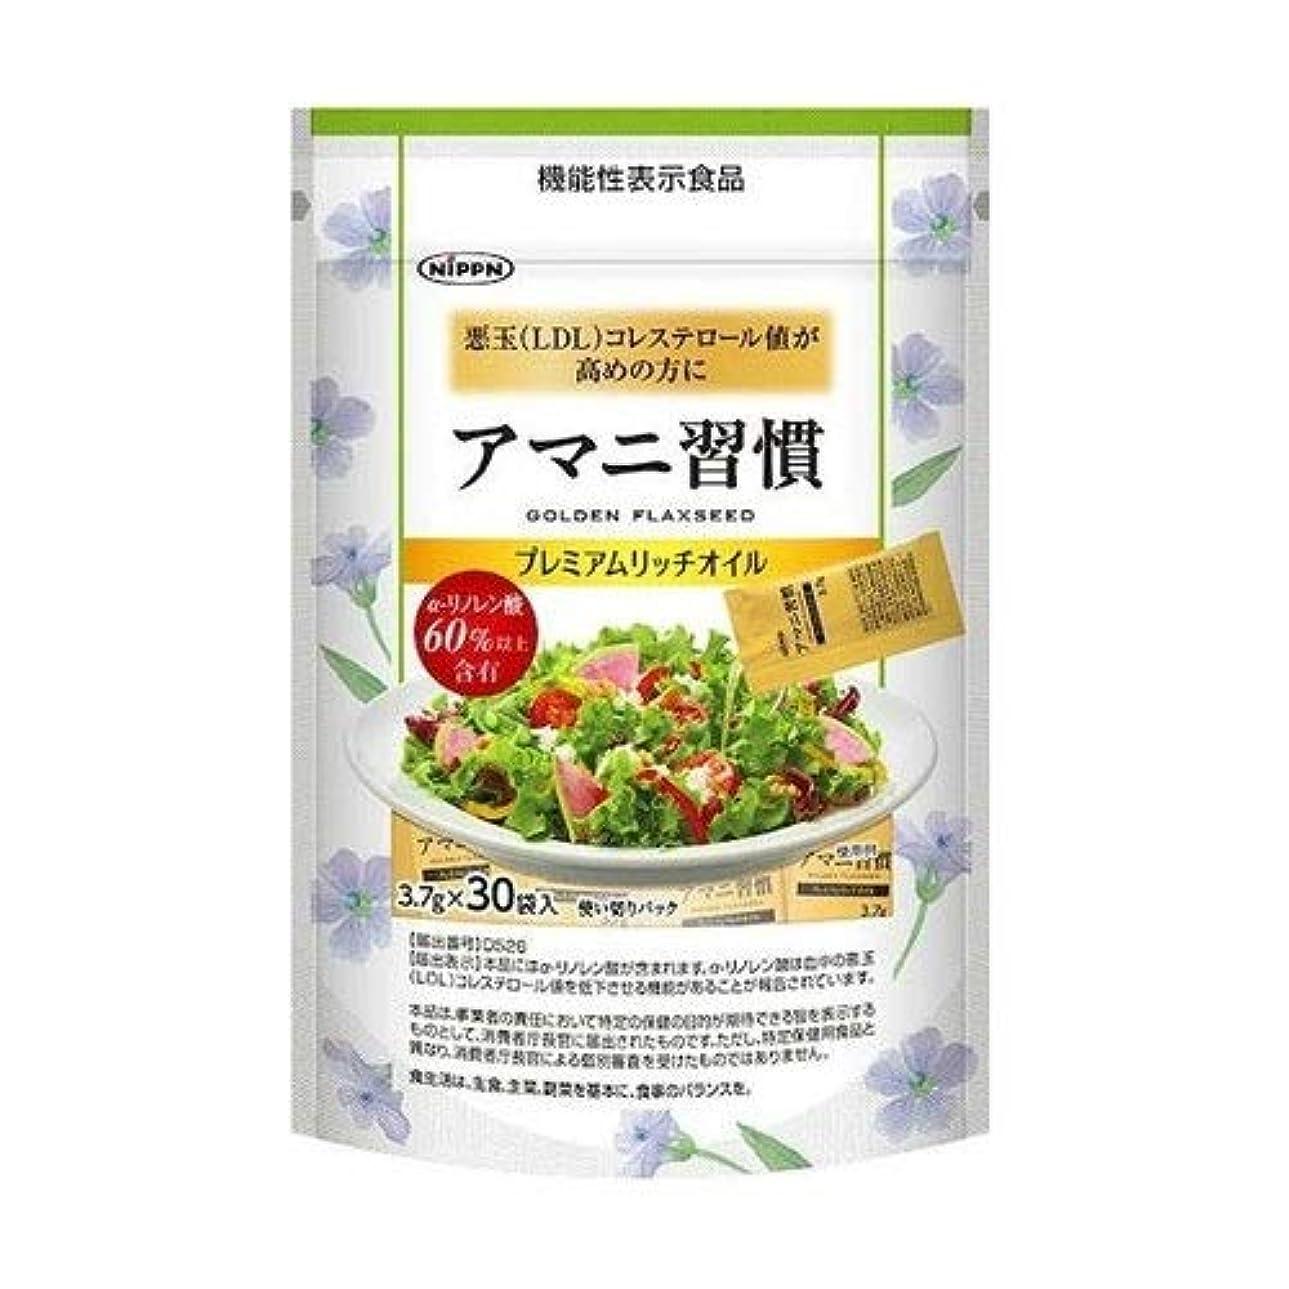 空いているびっくり今まで日本製粉 アマニ習慣 プレミアムリッチオイル 3.7g×30袋入